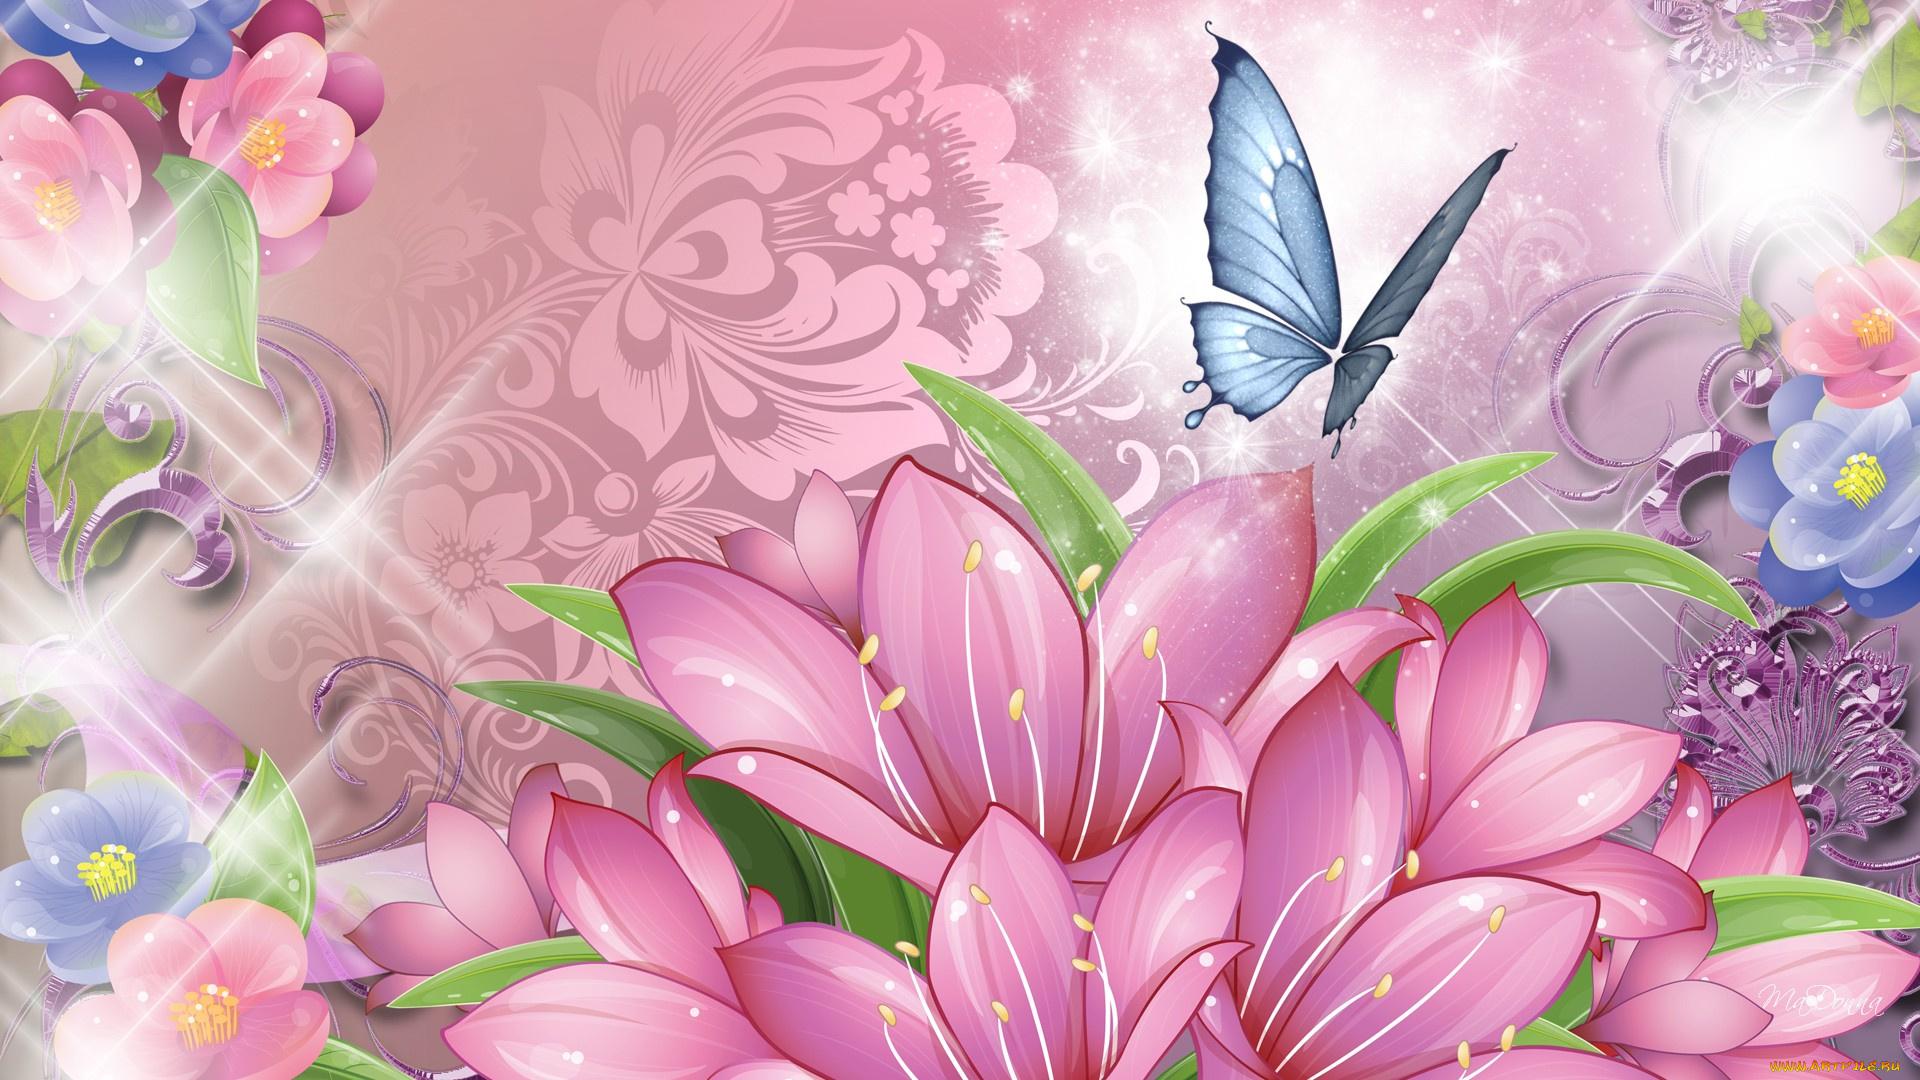 бабочки из лепестков  № 2303876 бесплатно